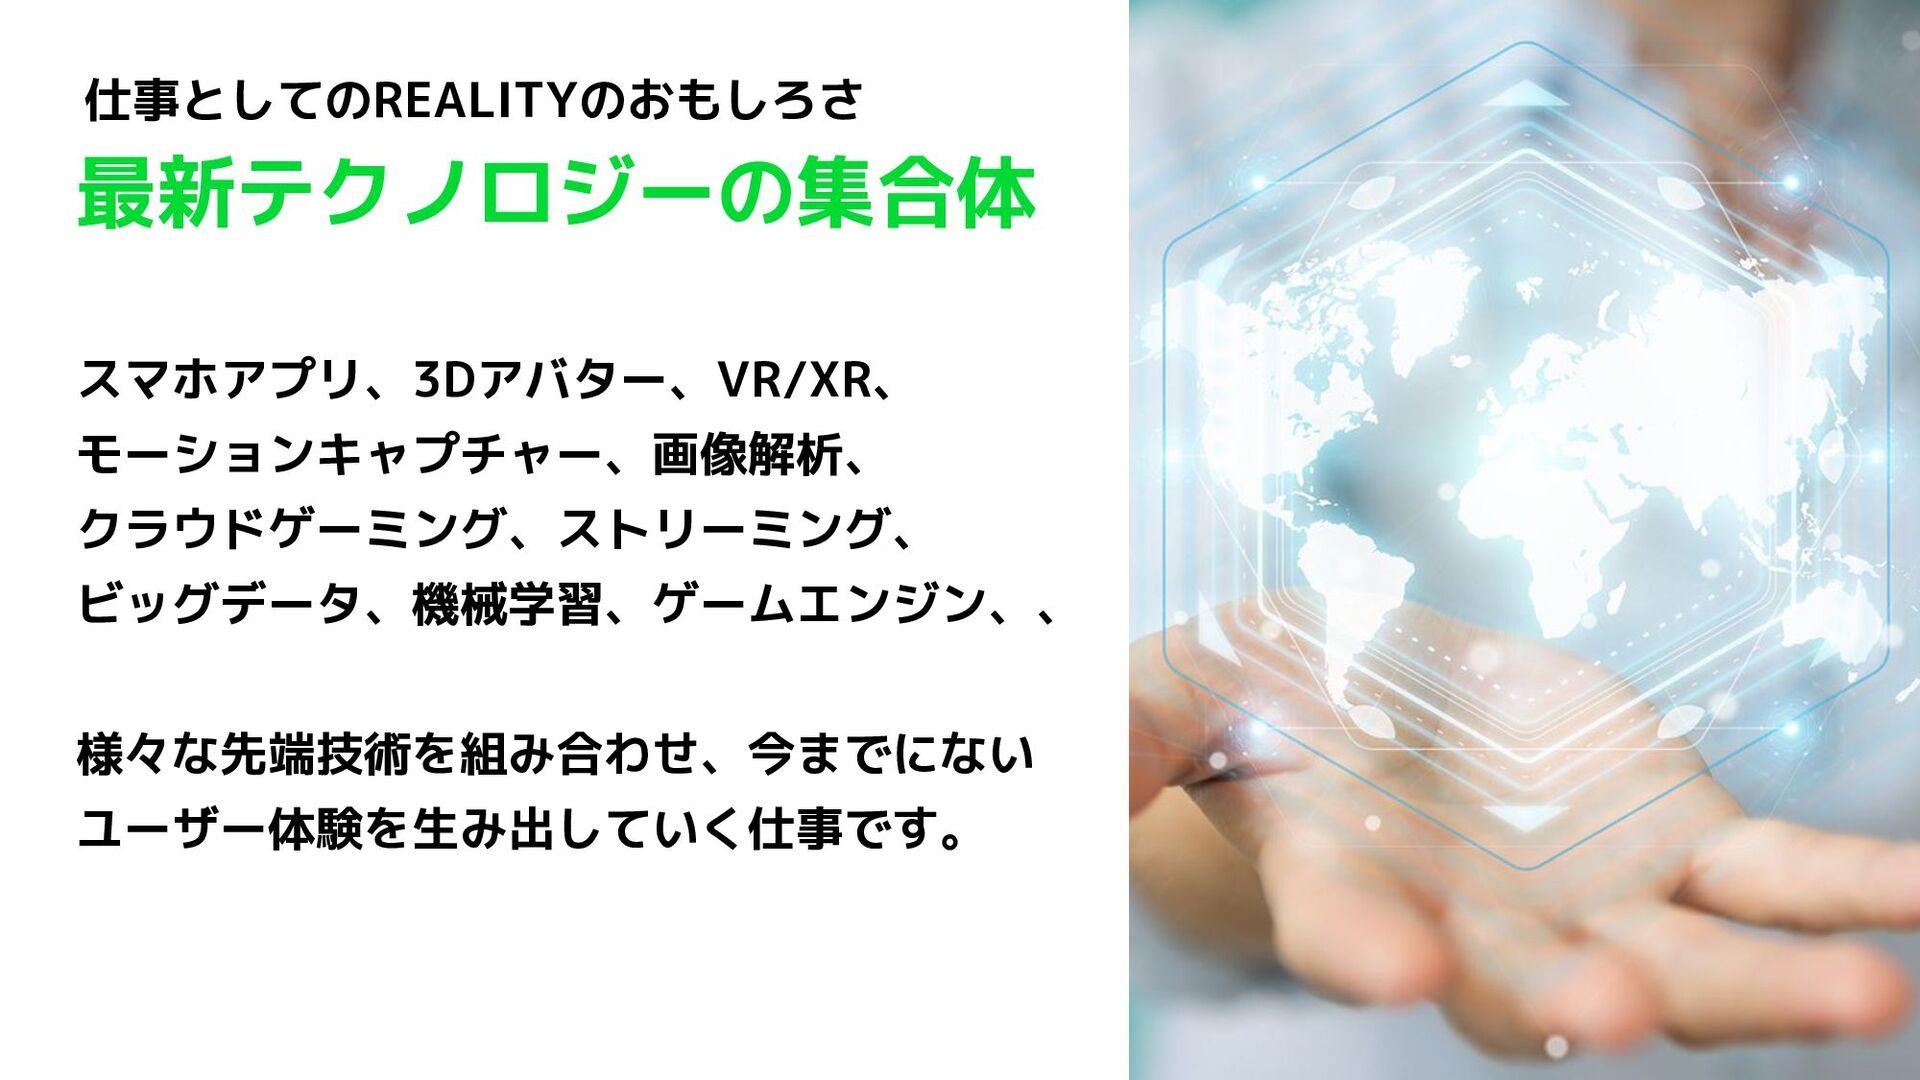 仕事としてのREALITYのおもしろさ 最新テクノロジーの集合体 スマホアプリ、3Dアバター、...